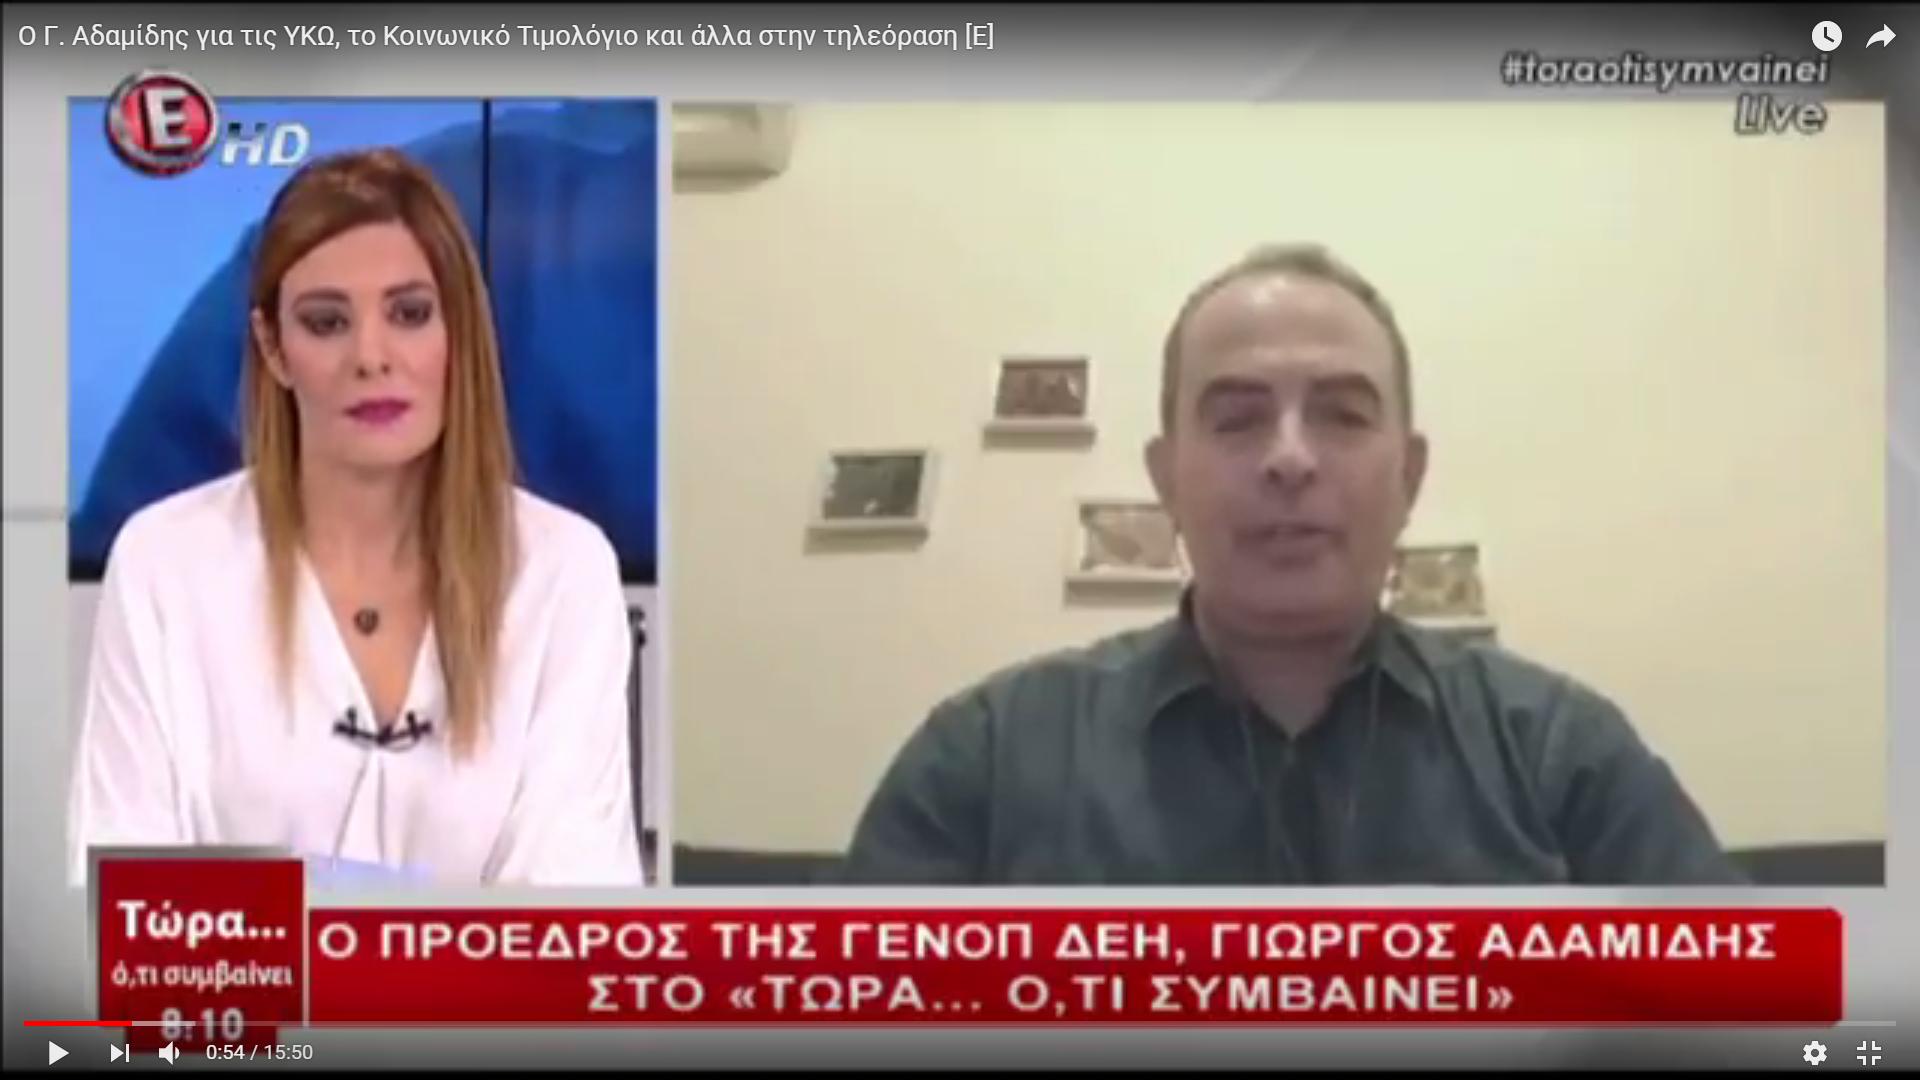 Ο Γ. Αδαμίδης για τις ΥΚΩ, το Κοινωνικό Τιμολόγιο και άλλα στην τηλεόραση του EPSILON